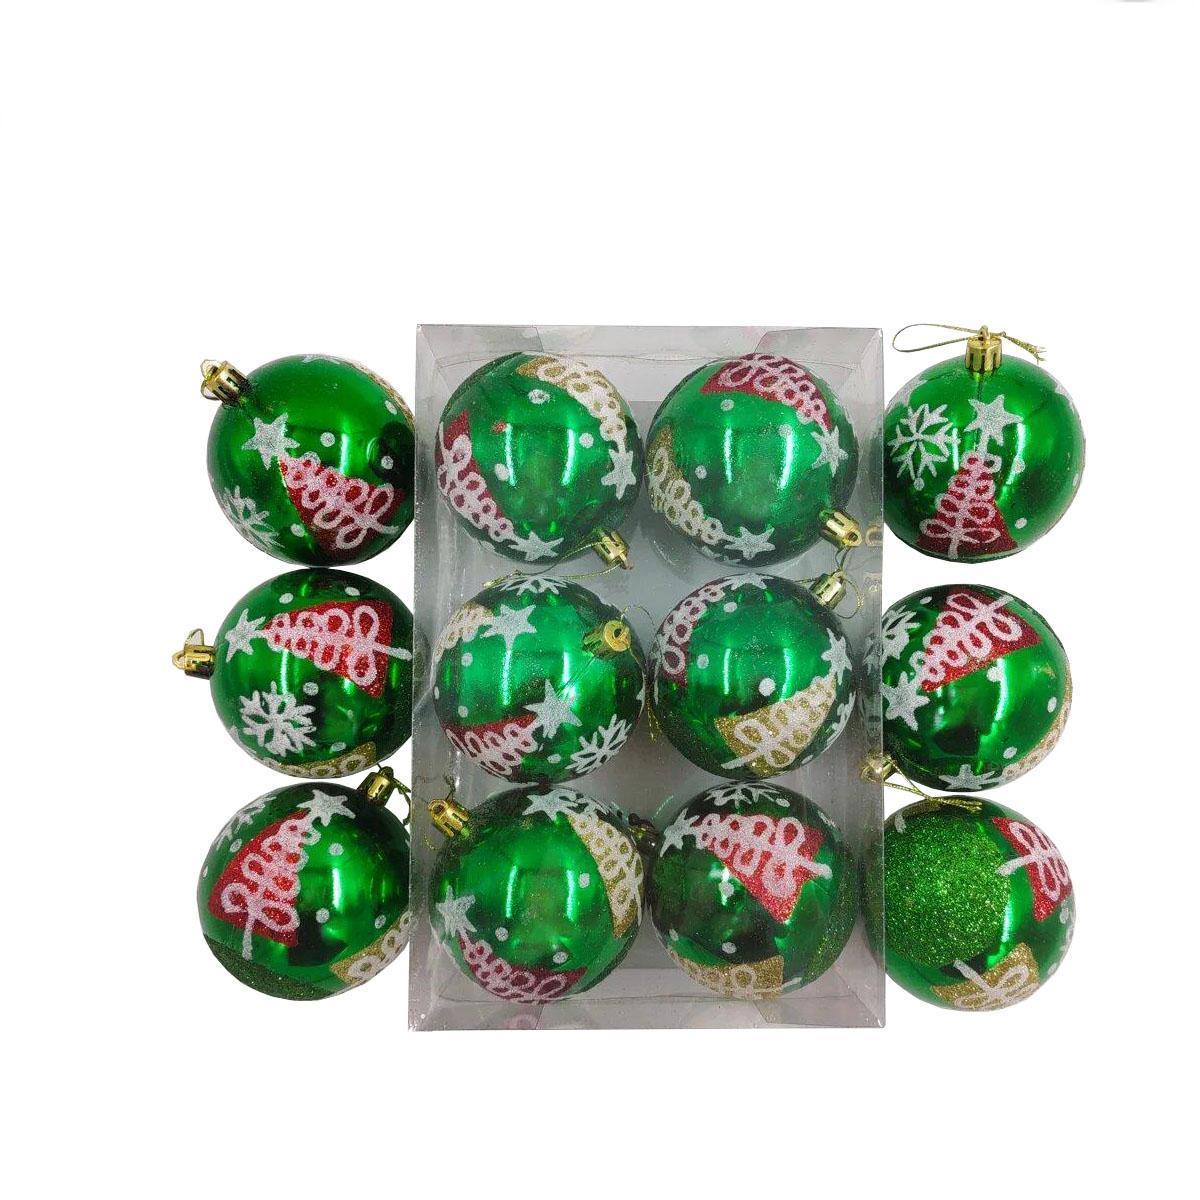 Елочные украшения Красно-зеленые диаметр шара 8 см, 6 шт